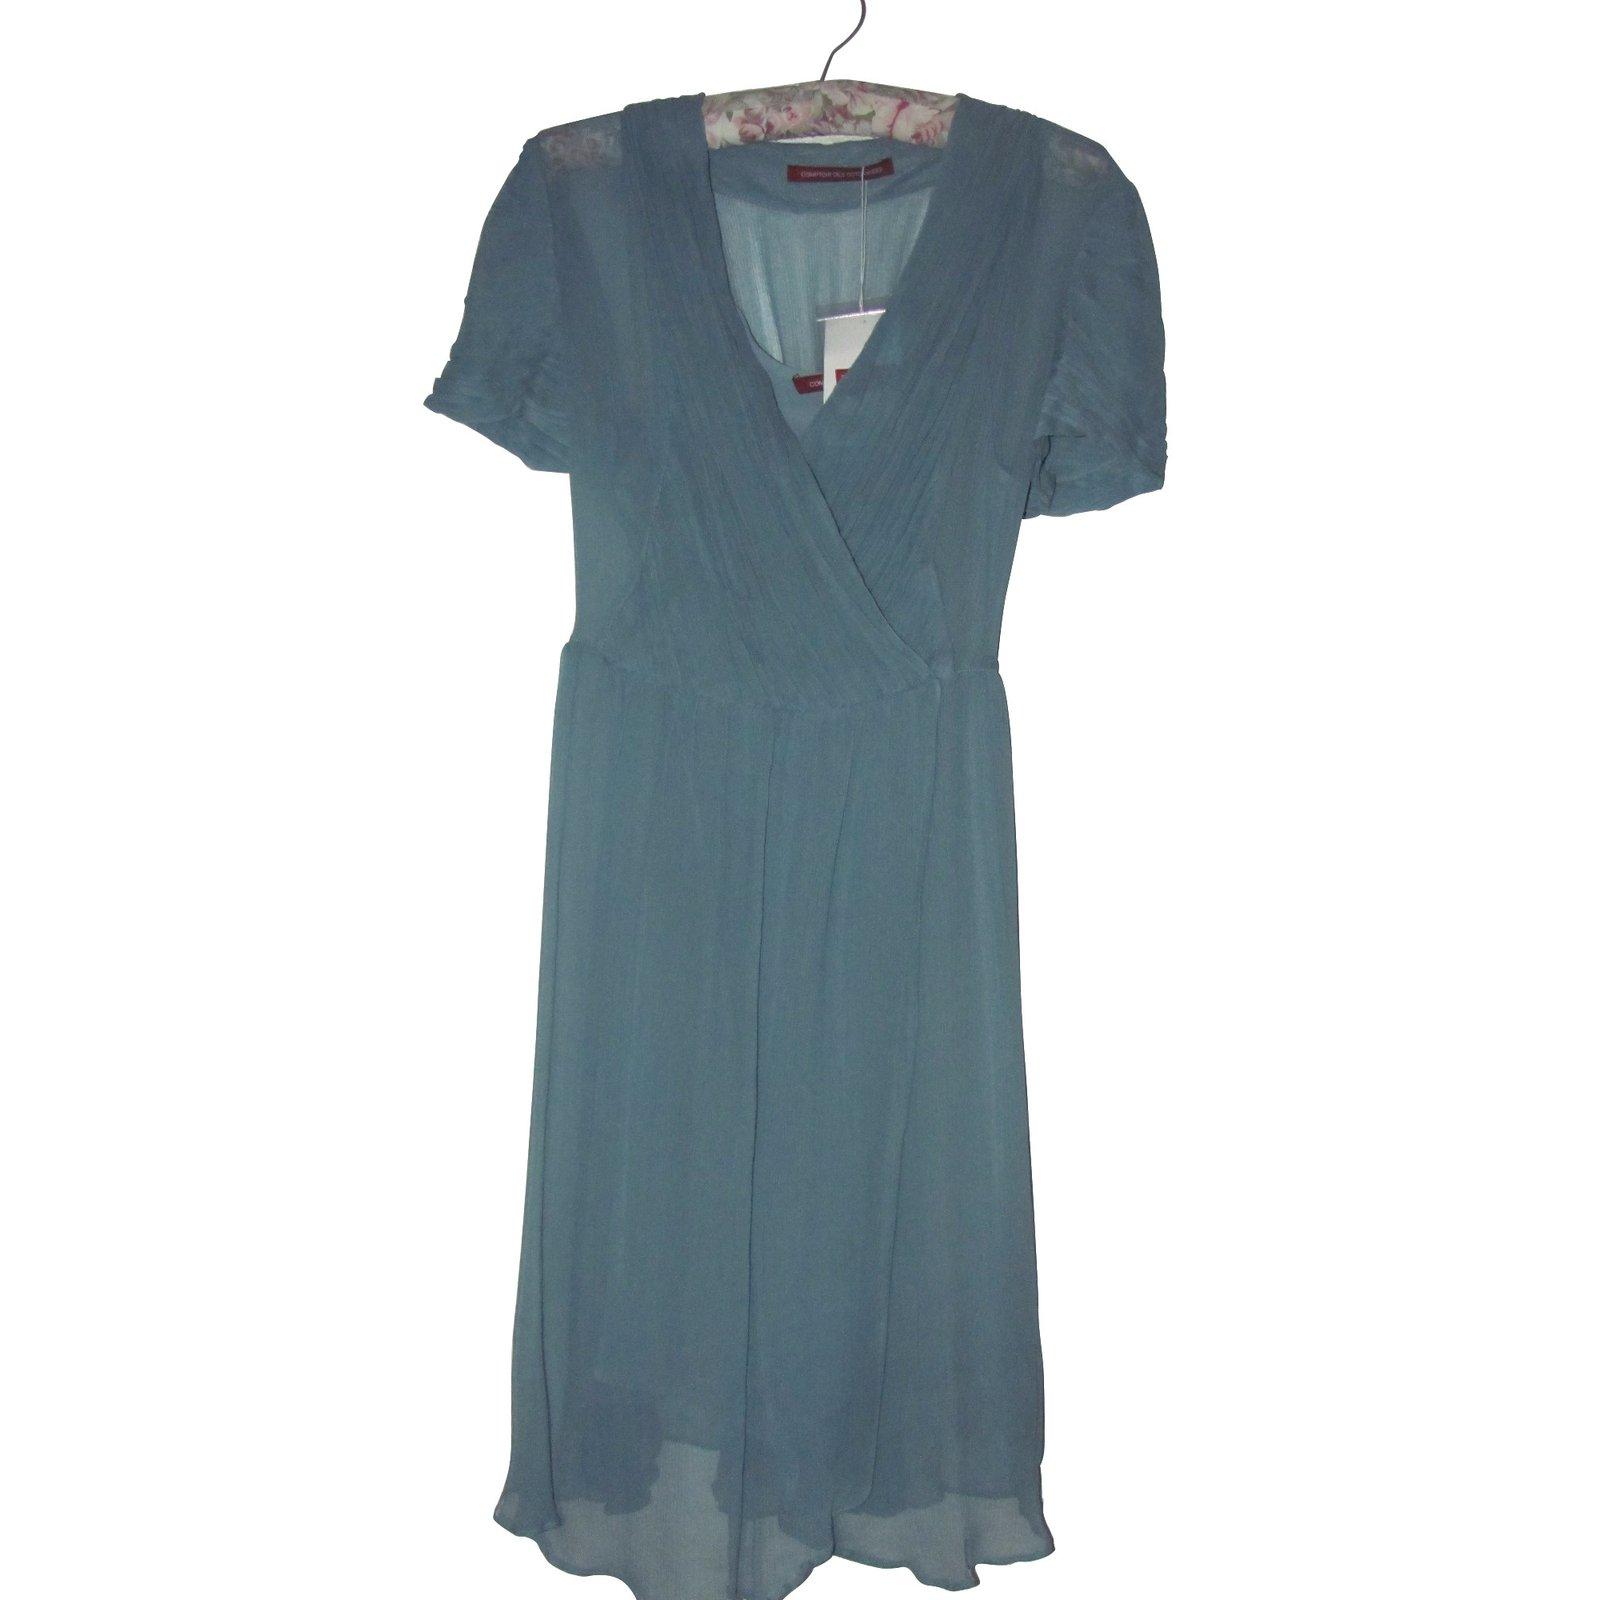 Robes comptoir des cotonniers robes autre bleu joli closet - Robe bleue comptoir des cotonniers ...